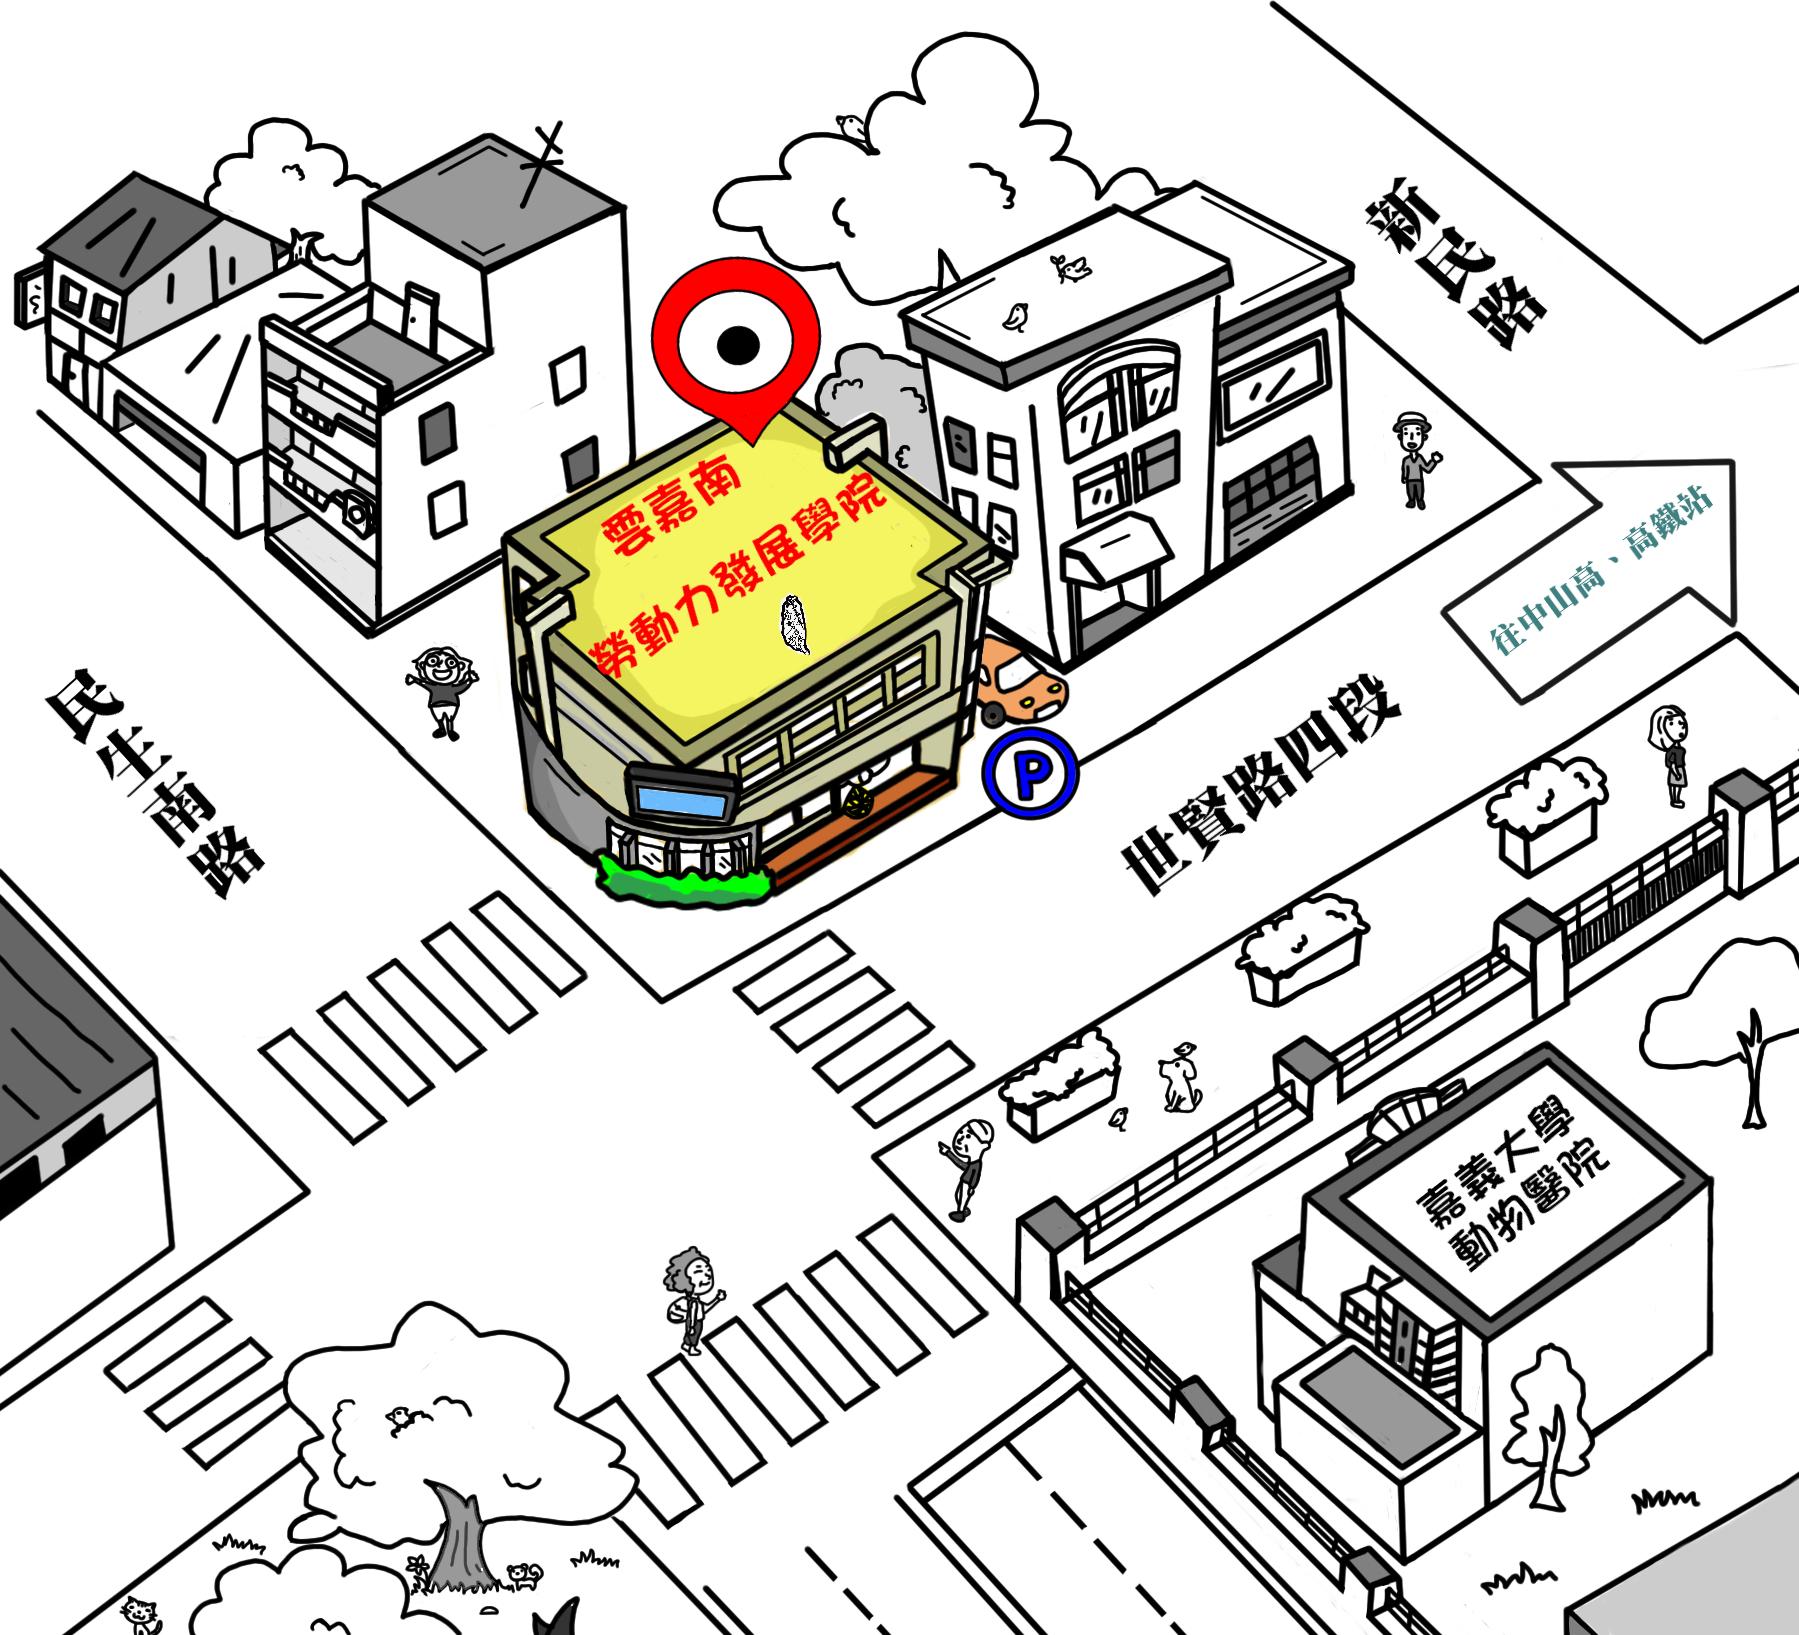 雲嘉南勞動力發展學院位於民生南路與世賢路四段的十字路口,對面有嘉義大學動物醫院為明顯地標。